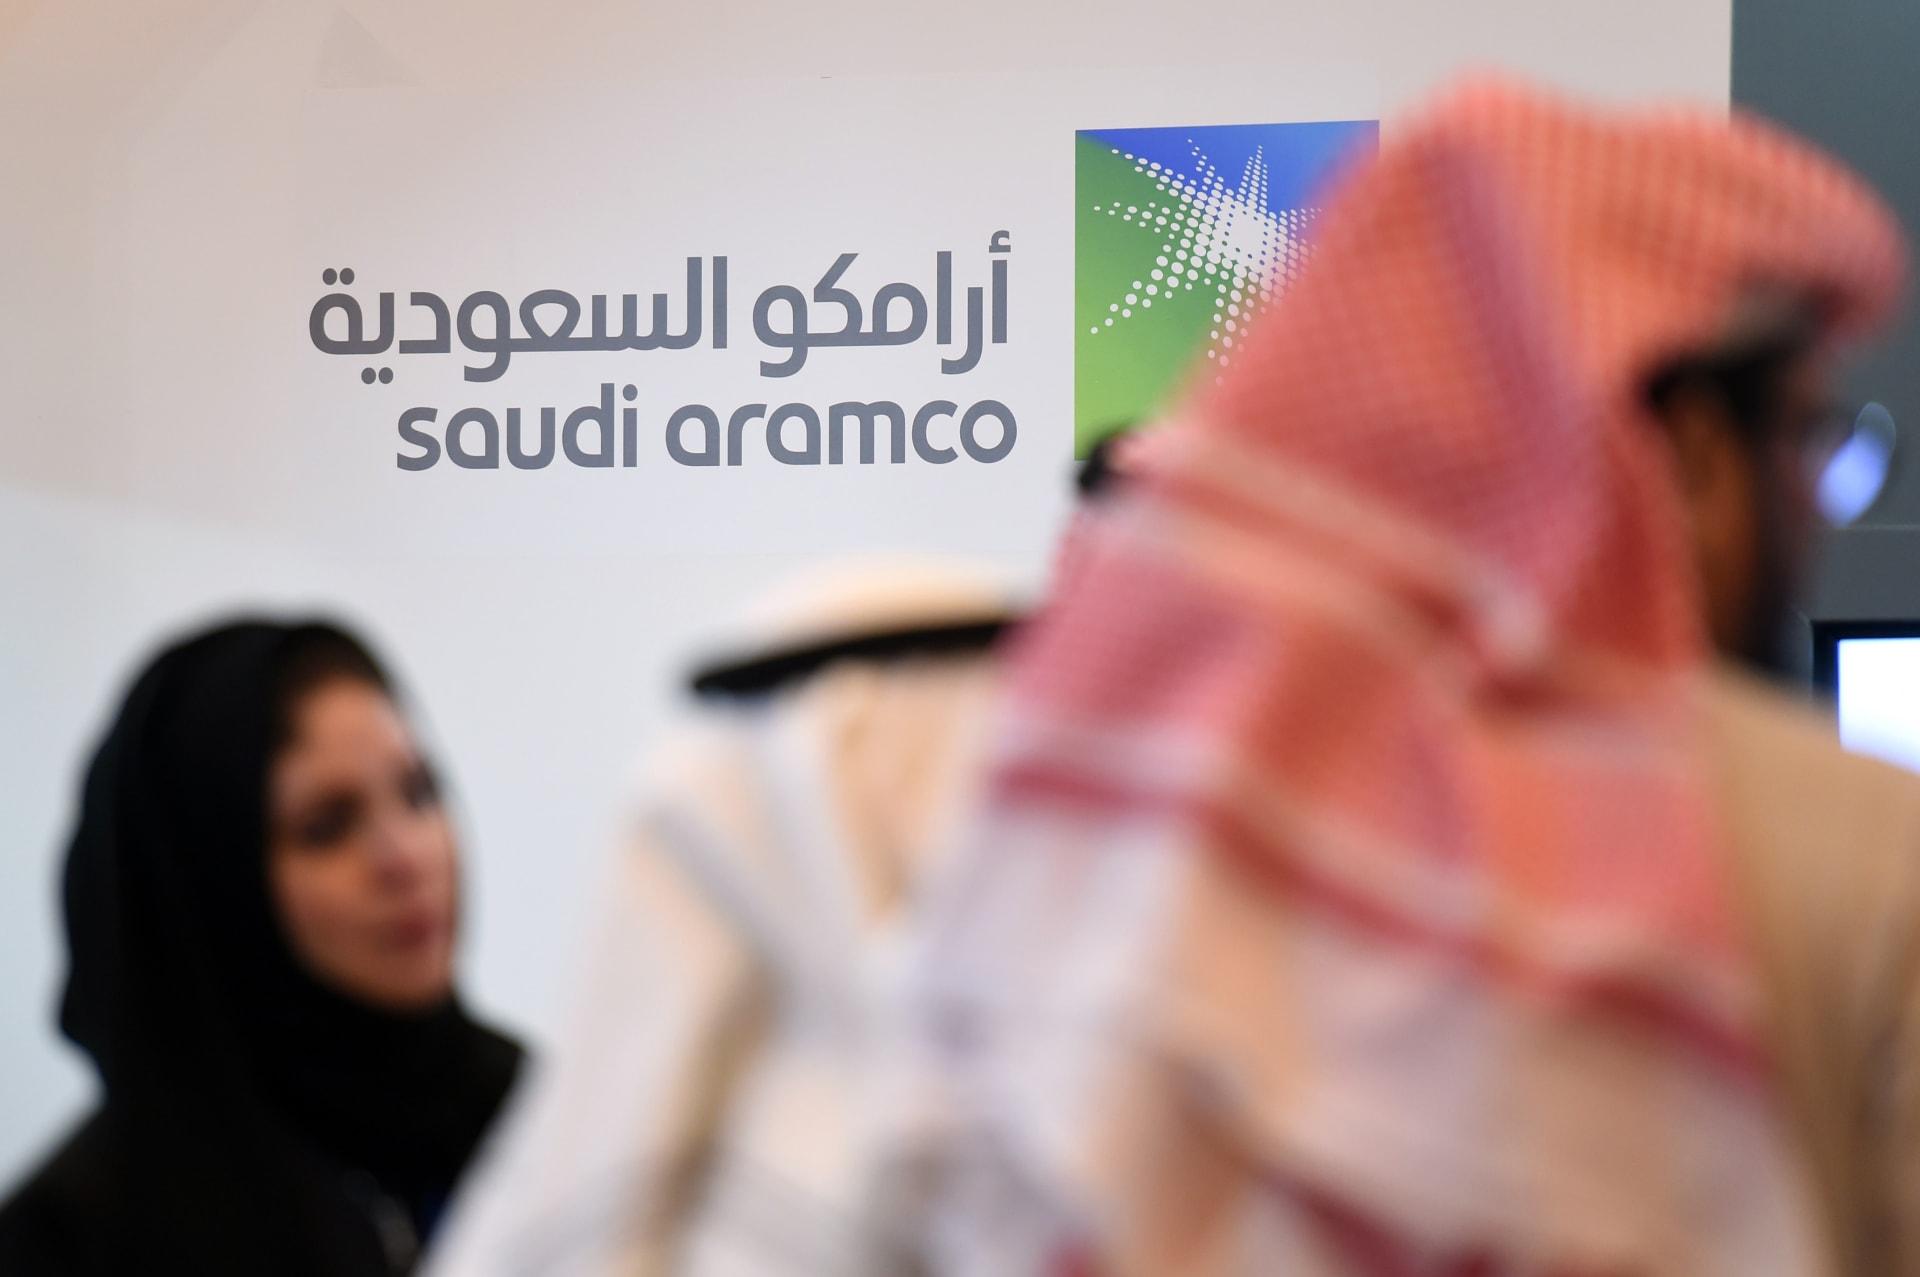 """""""أرامكو"""" السعودية تقتحم قطاع بيع الوقود بالتجزئة لأول مرة"""